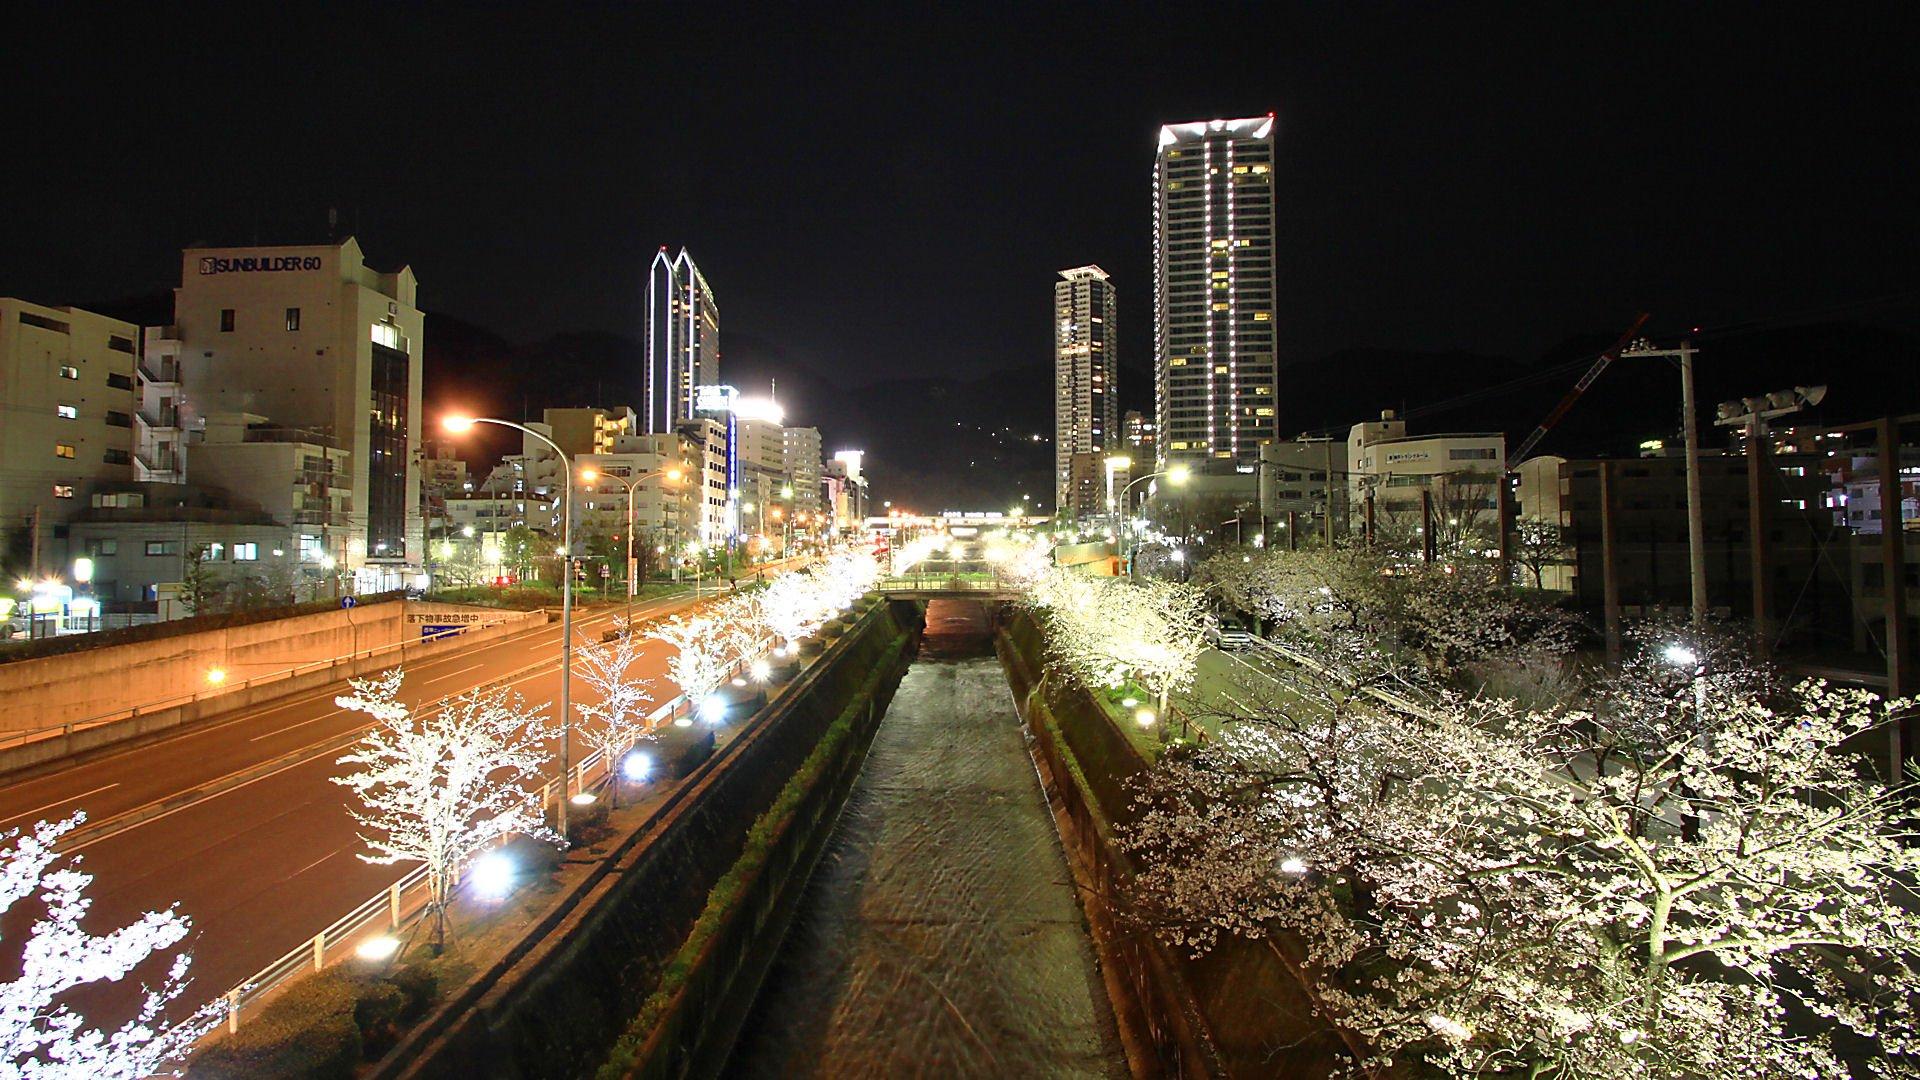 生田川公園の夜桜・生田川の桜並木のライトアップ